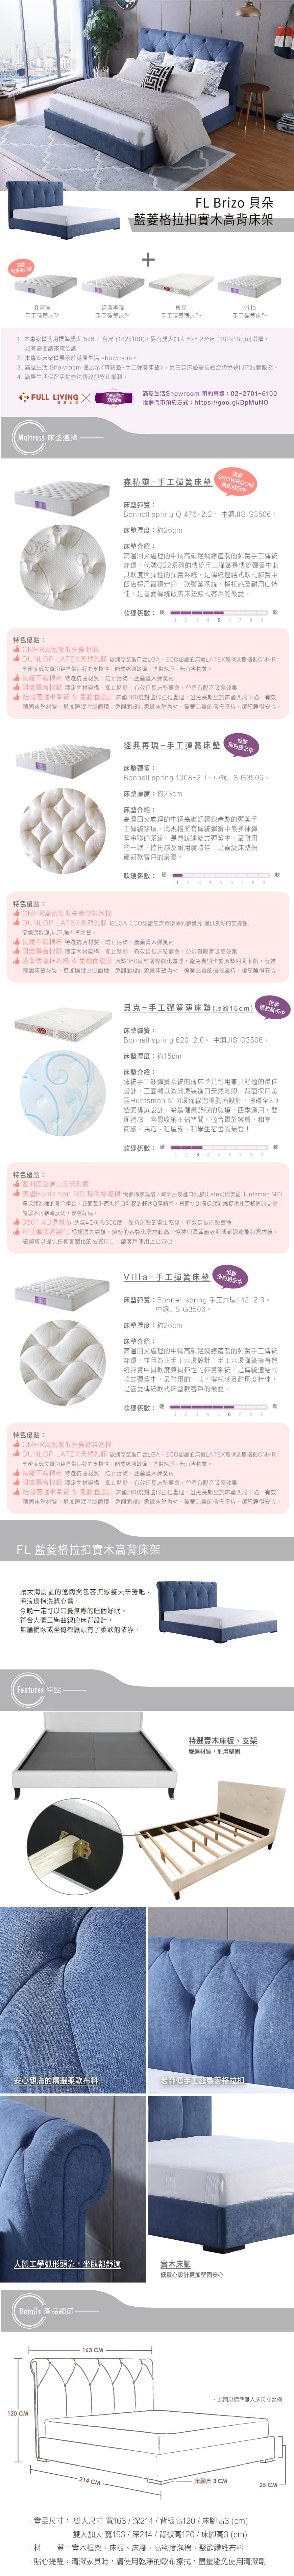 悅夢床墊活動 新床產品頁 貝朵更新